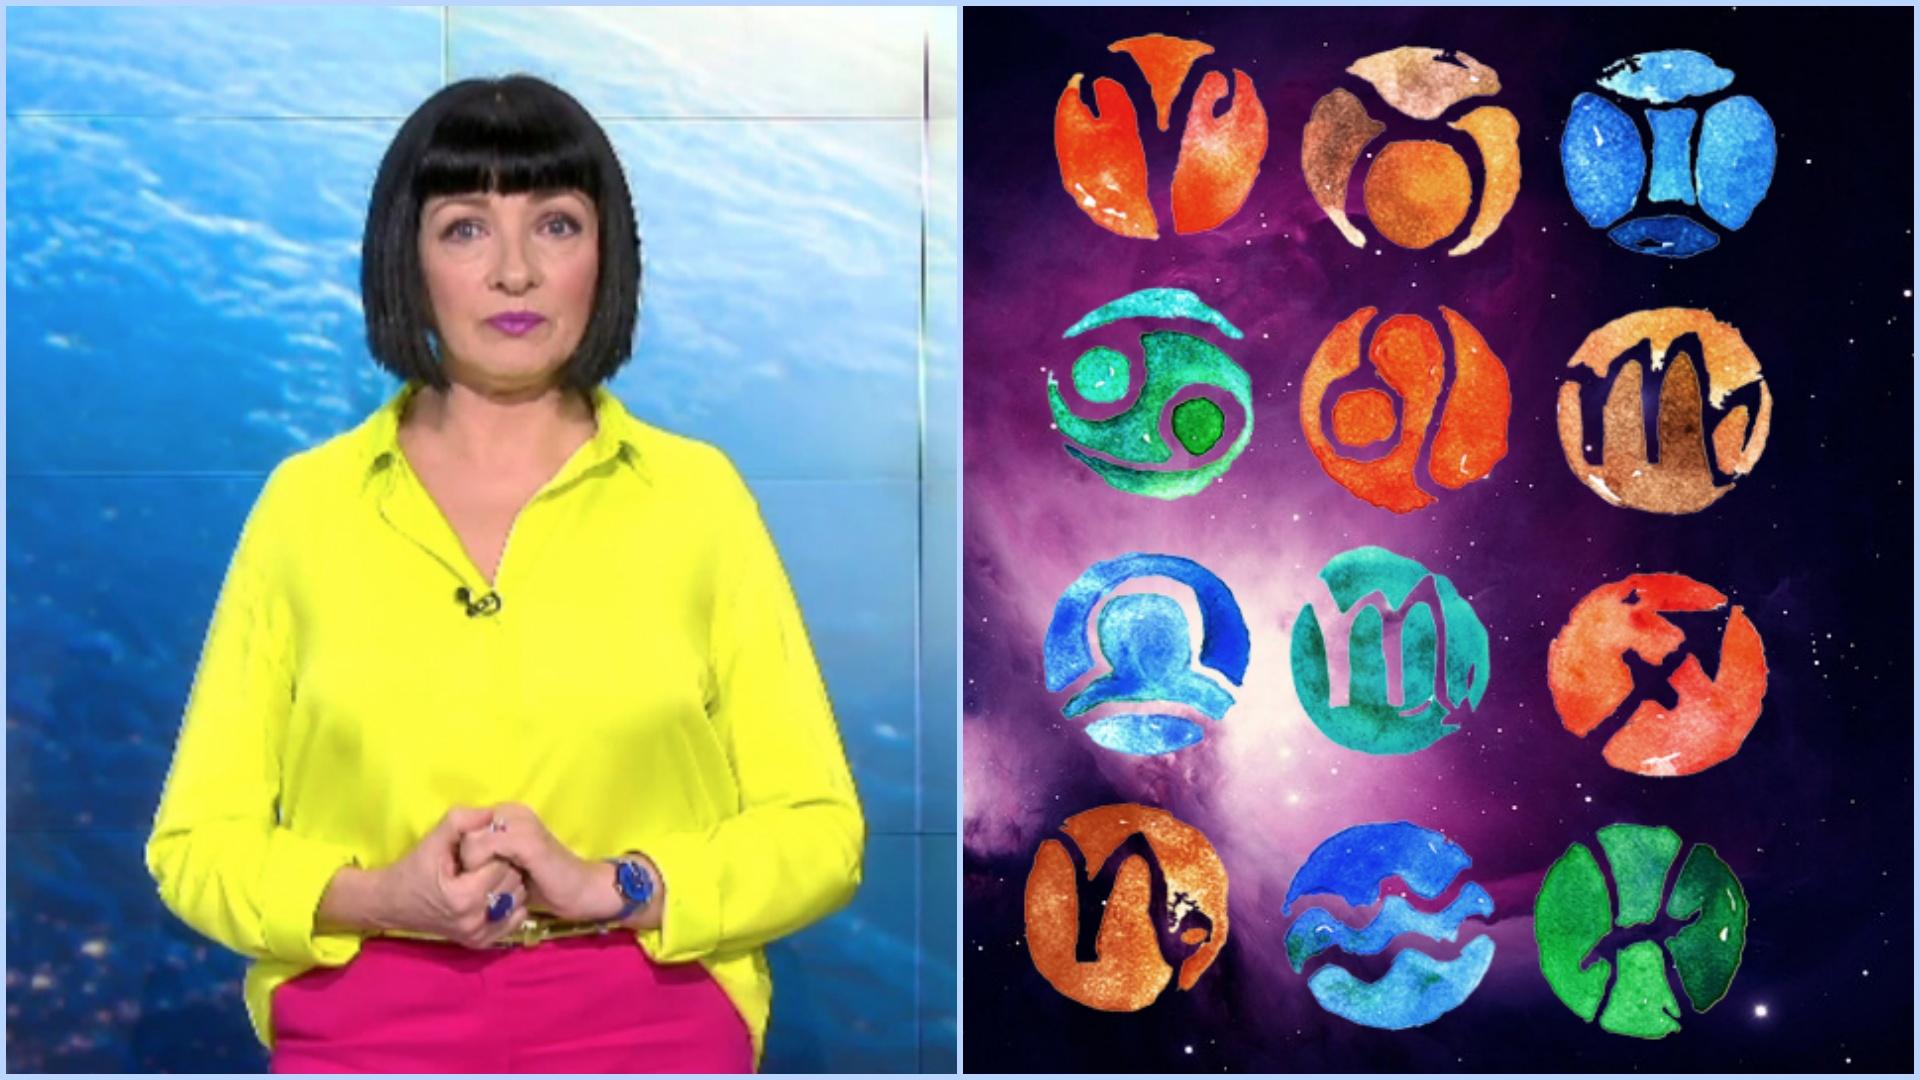 Horoscop Neti Sandu 12 octombrie 2020. Leii își găsesc jumătatea